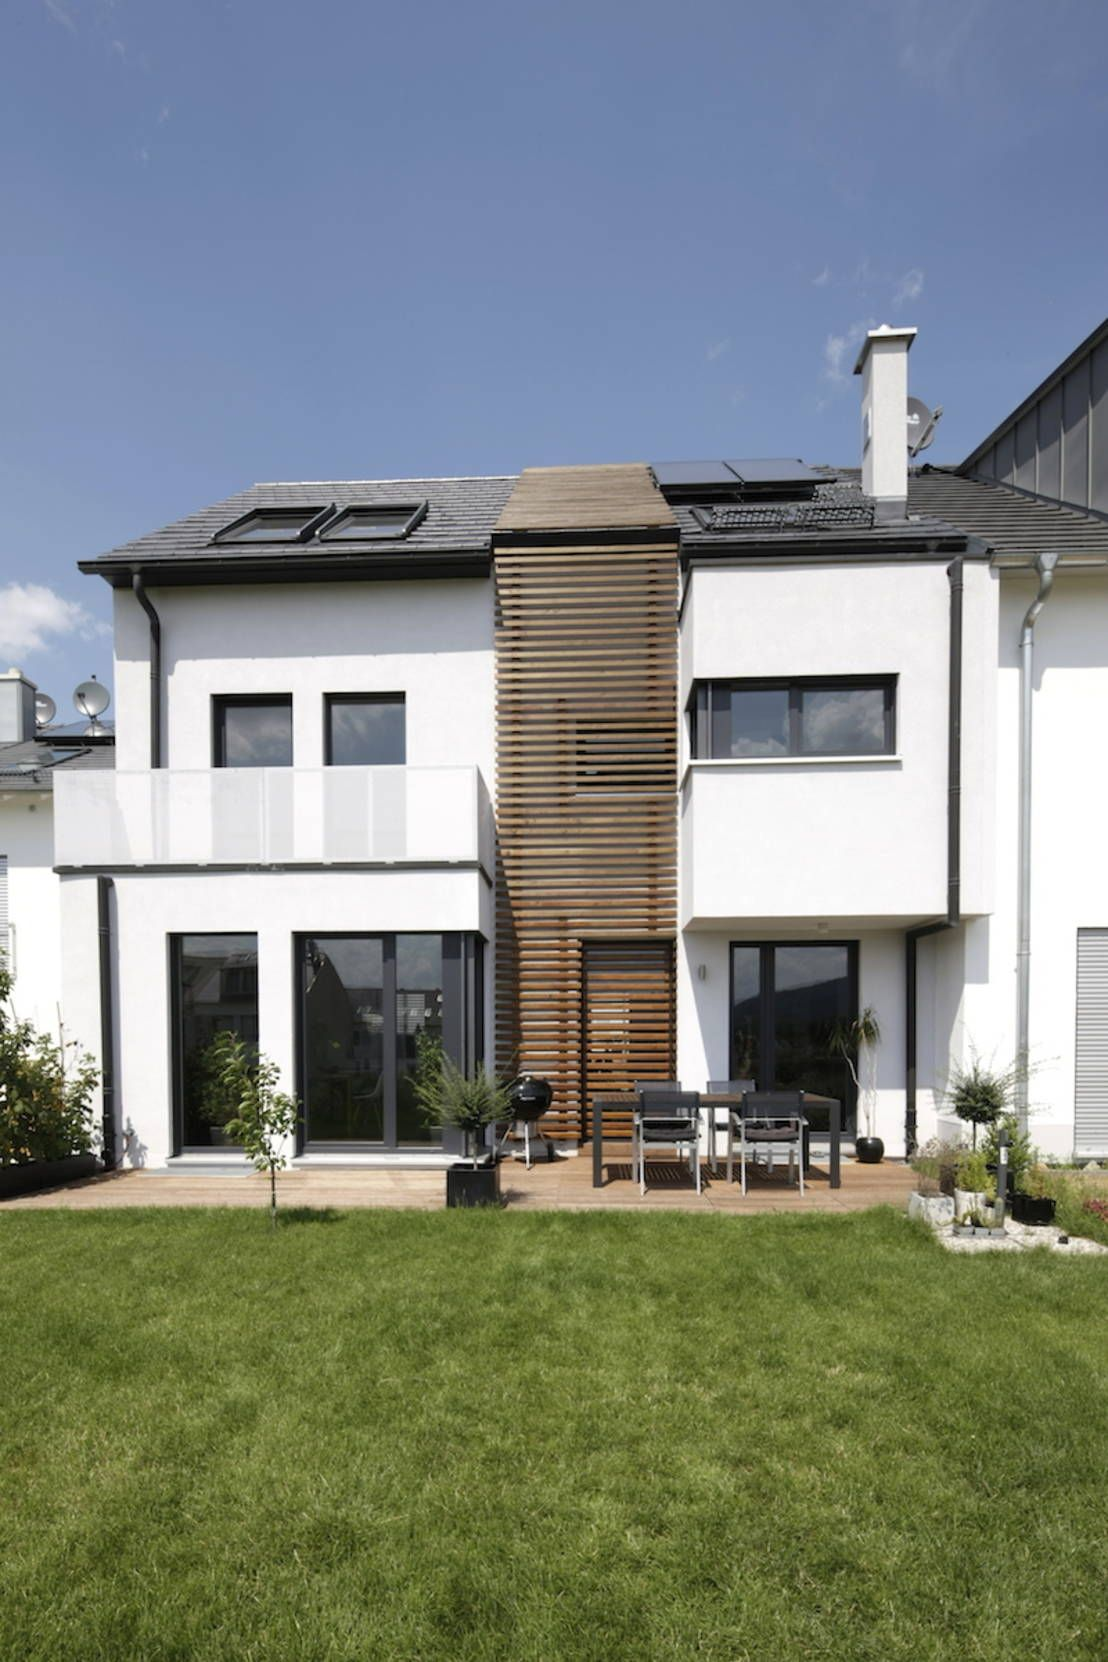 Ein reihenhaus beweist charakter besser sch ner neu Minimalistisches haus grundriss